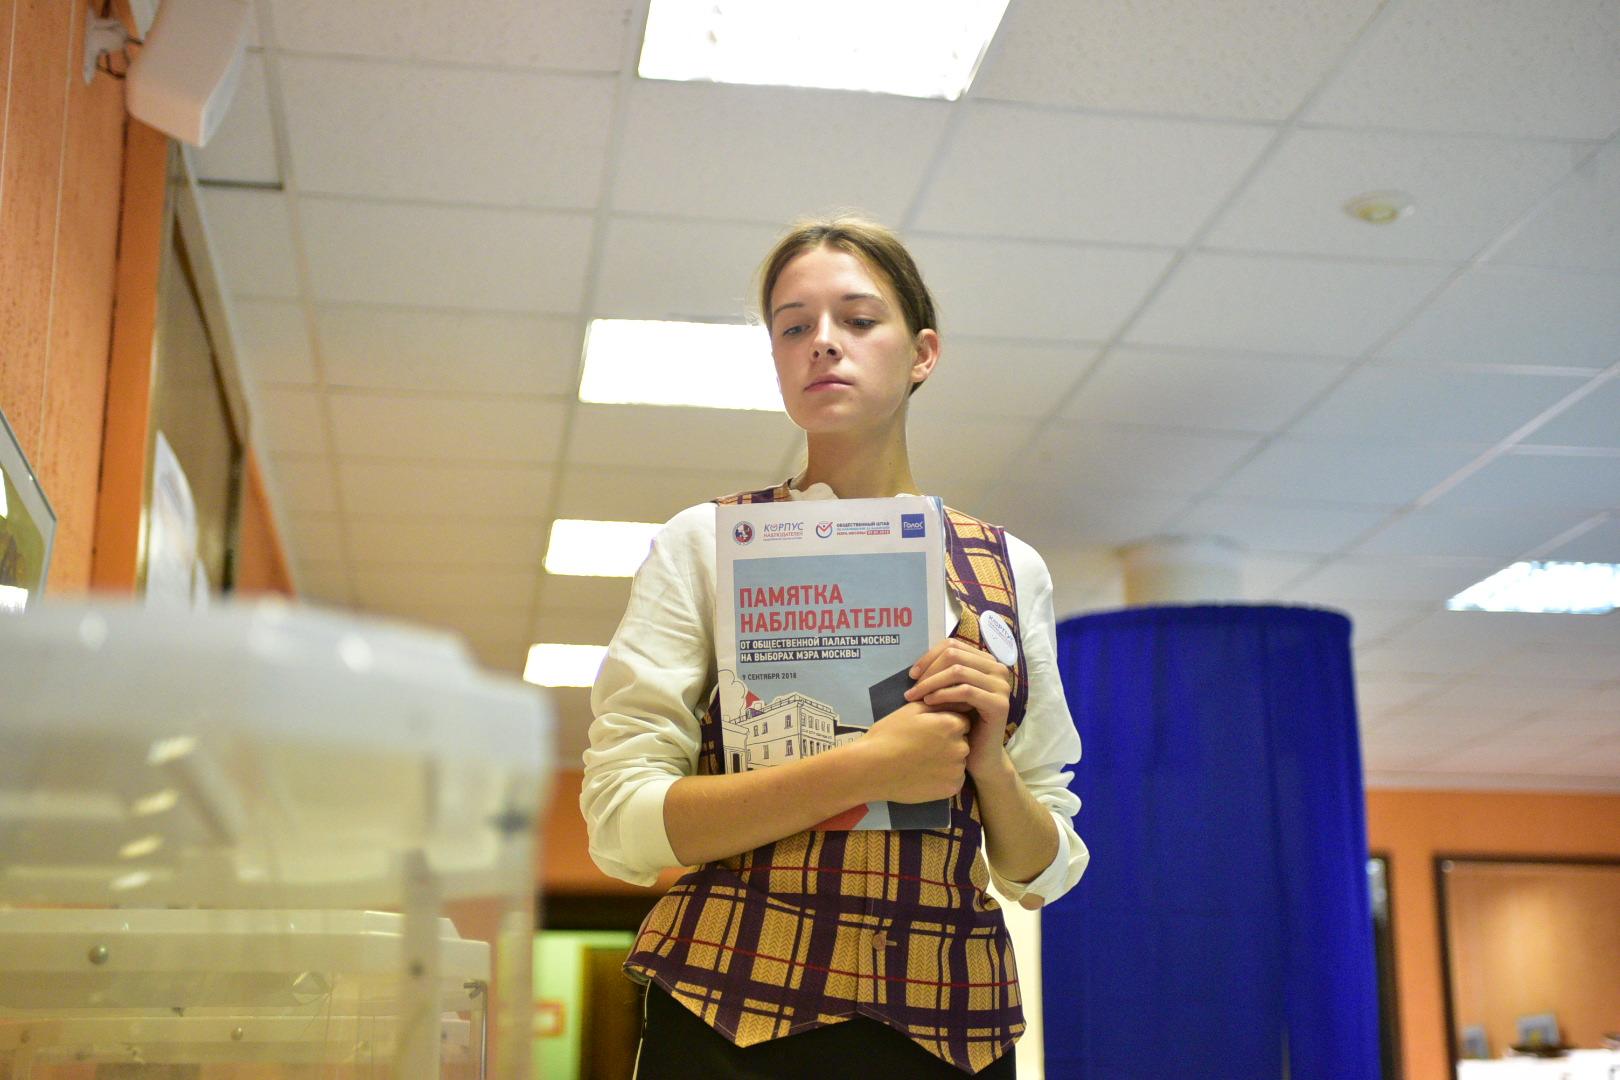 Иностранные наблюдатели отметили открытость выборов мэра Москвы. Фото: архив